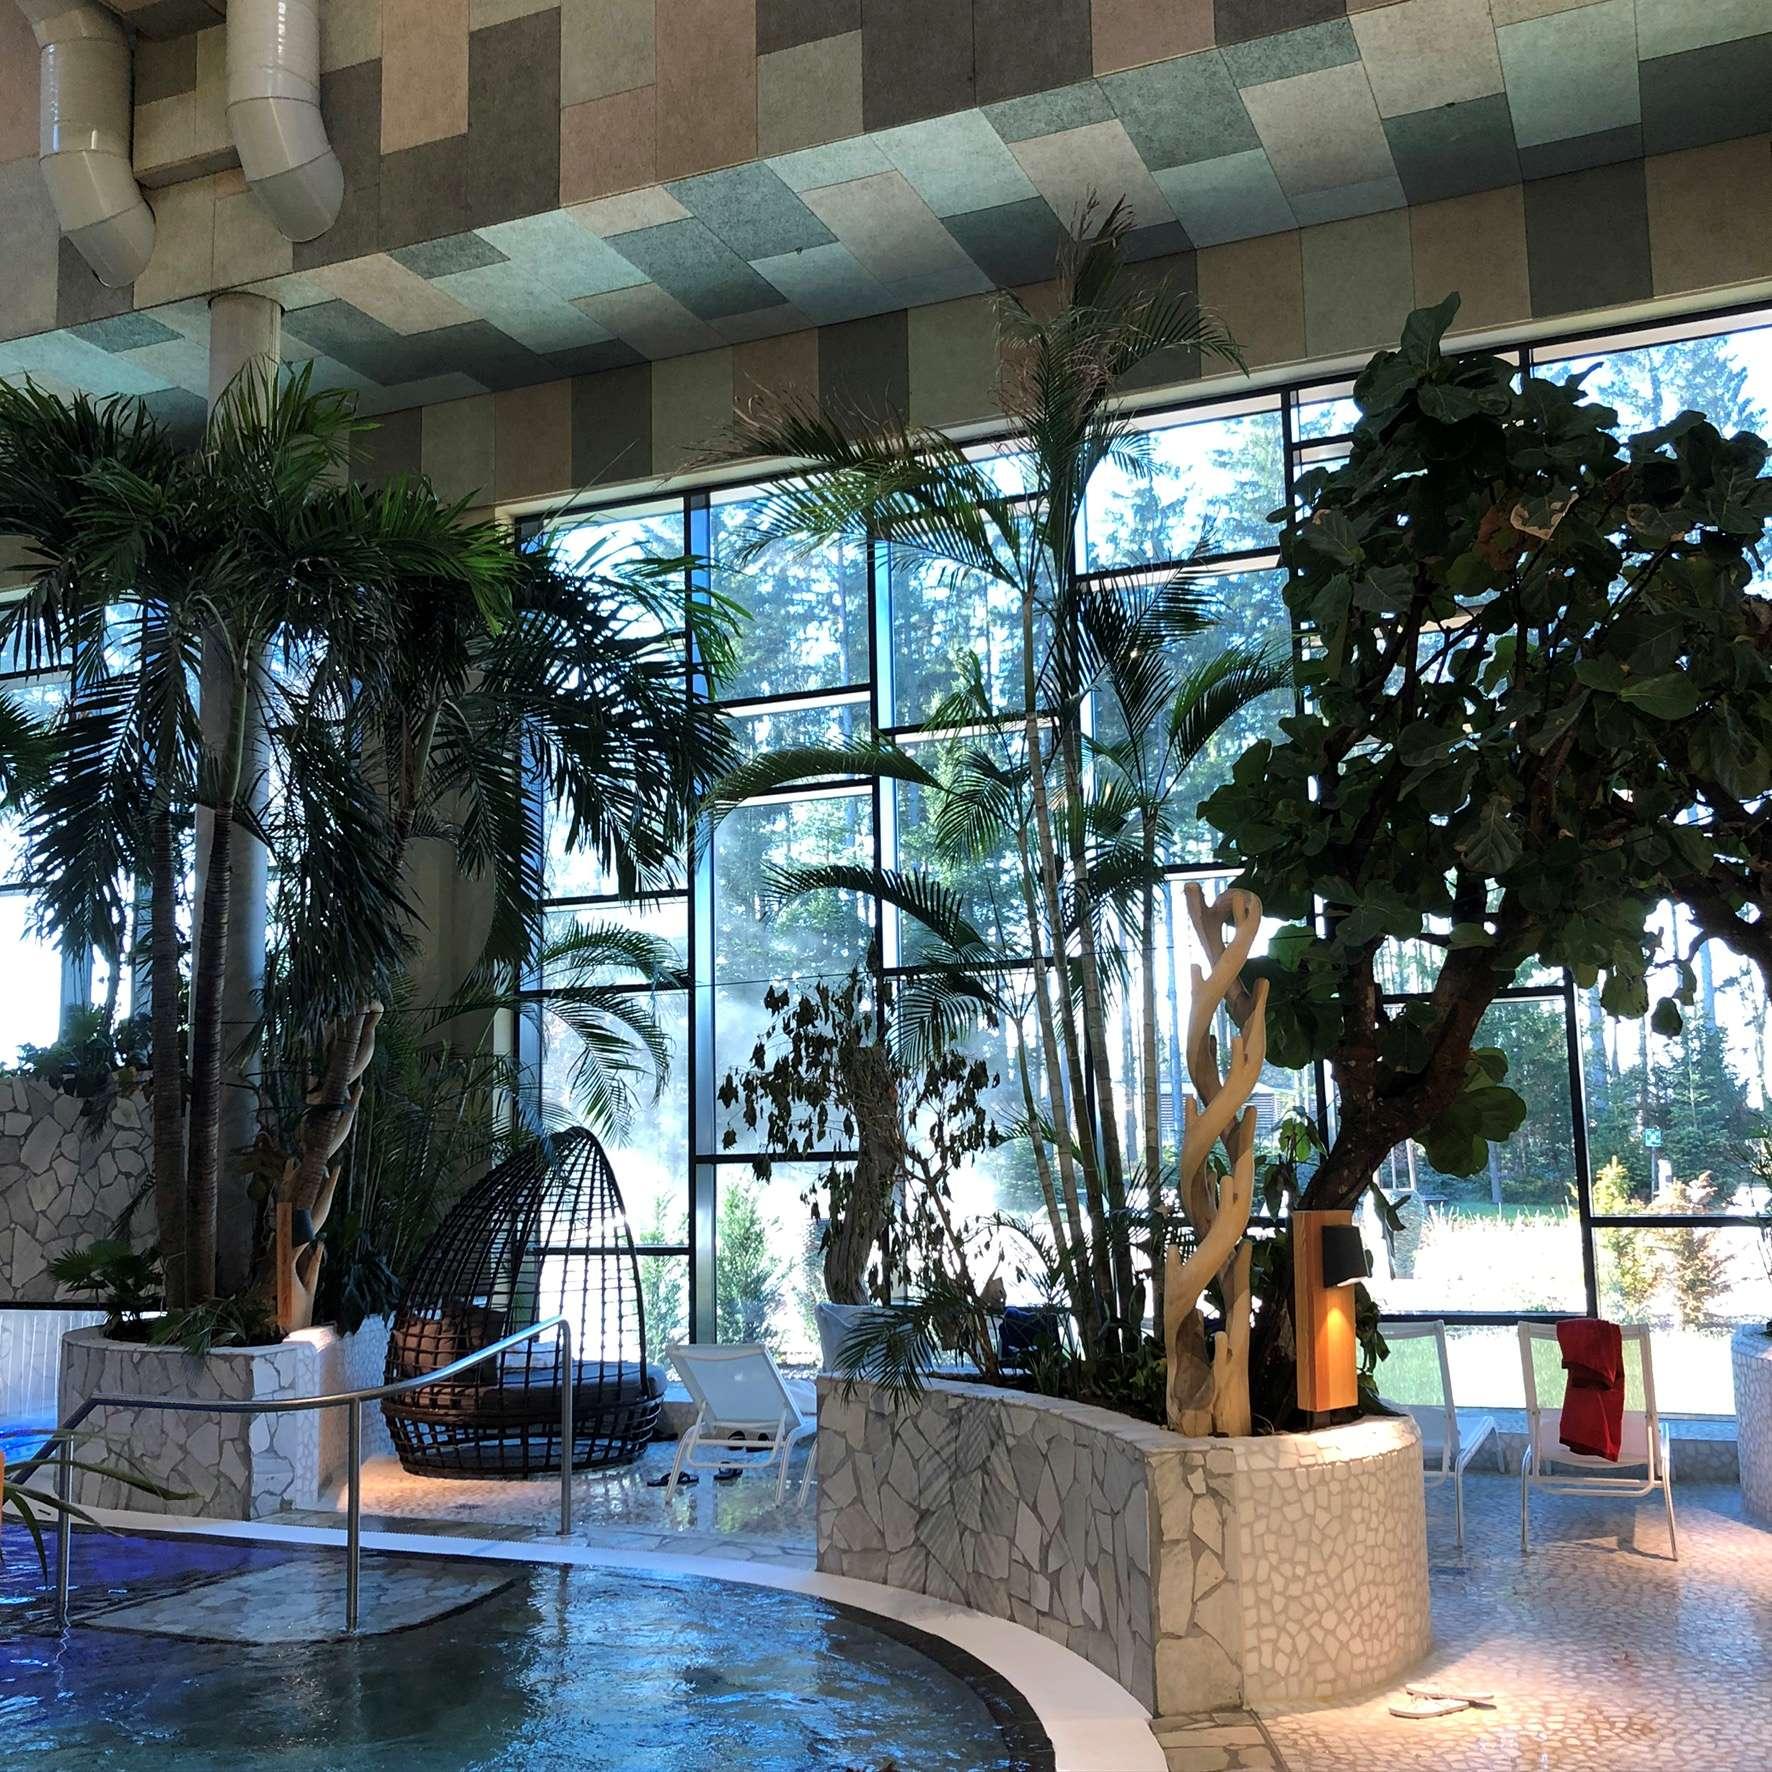 Indoorpool im Spa